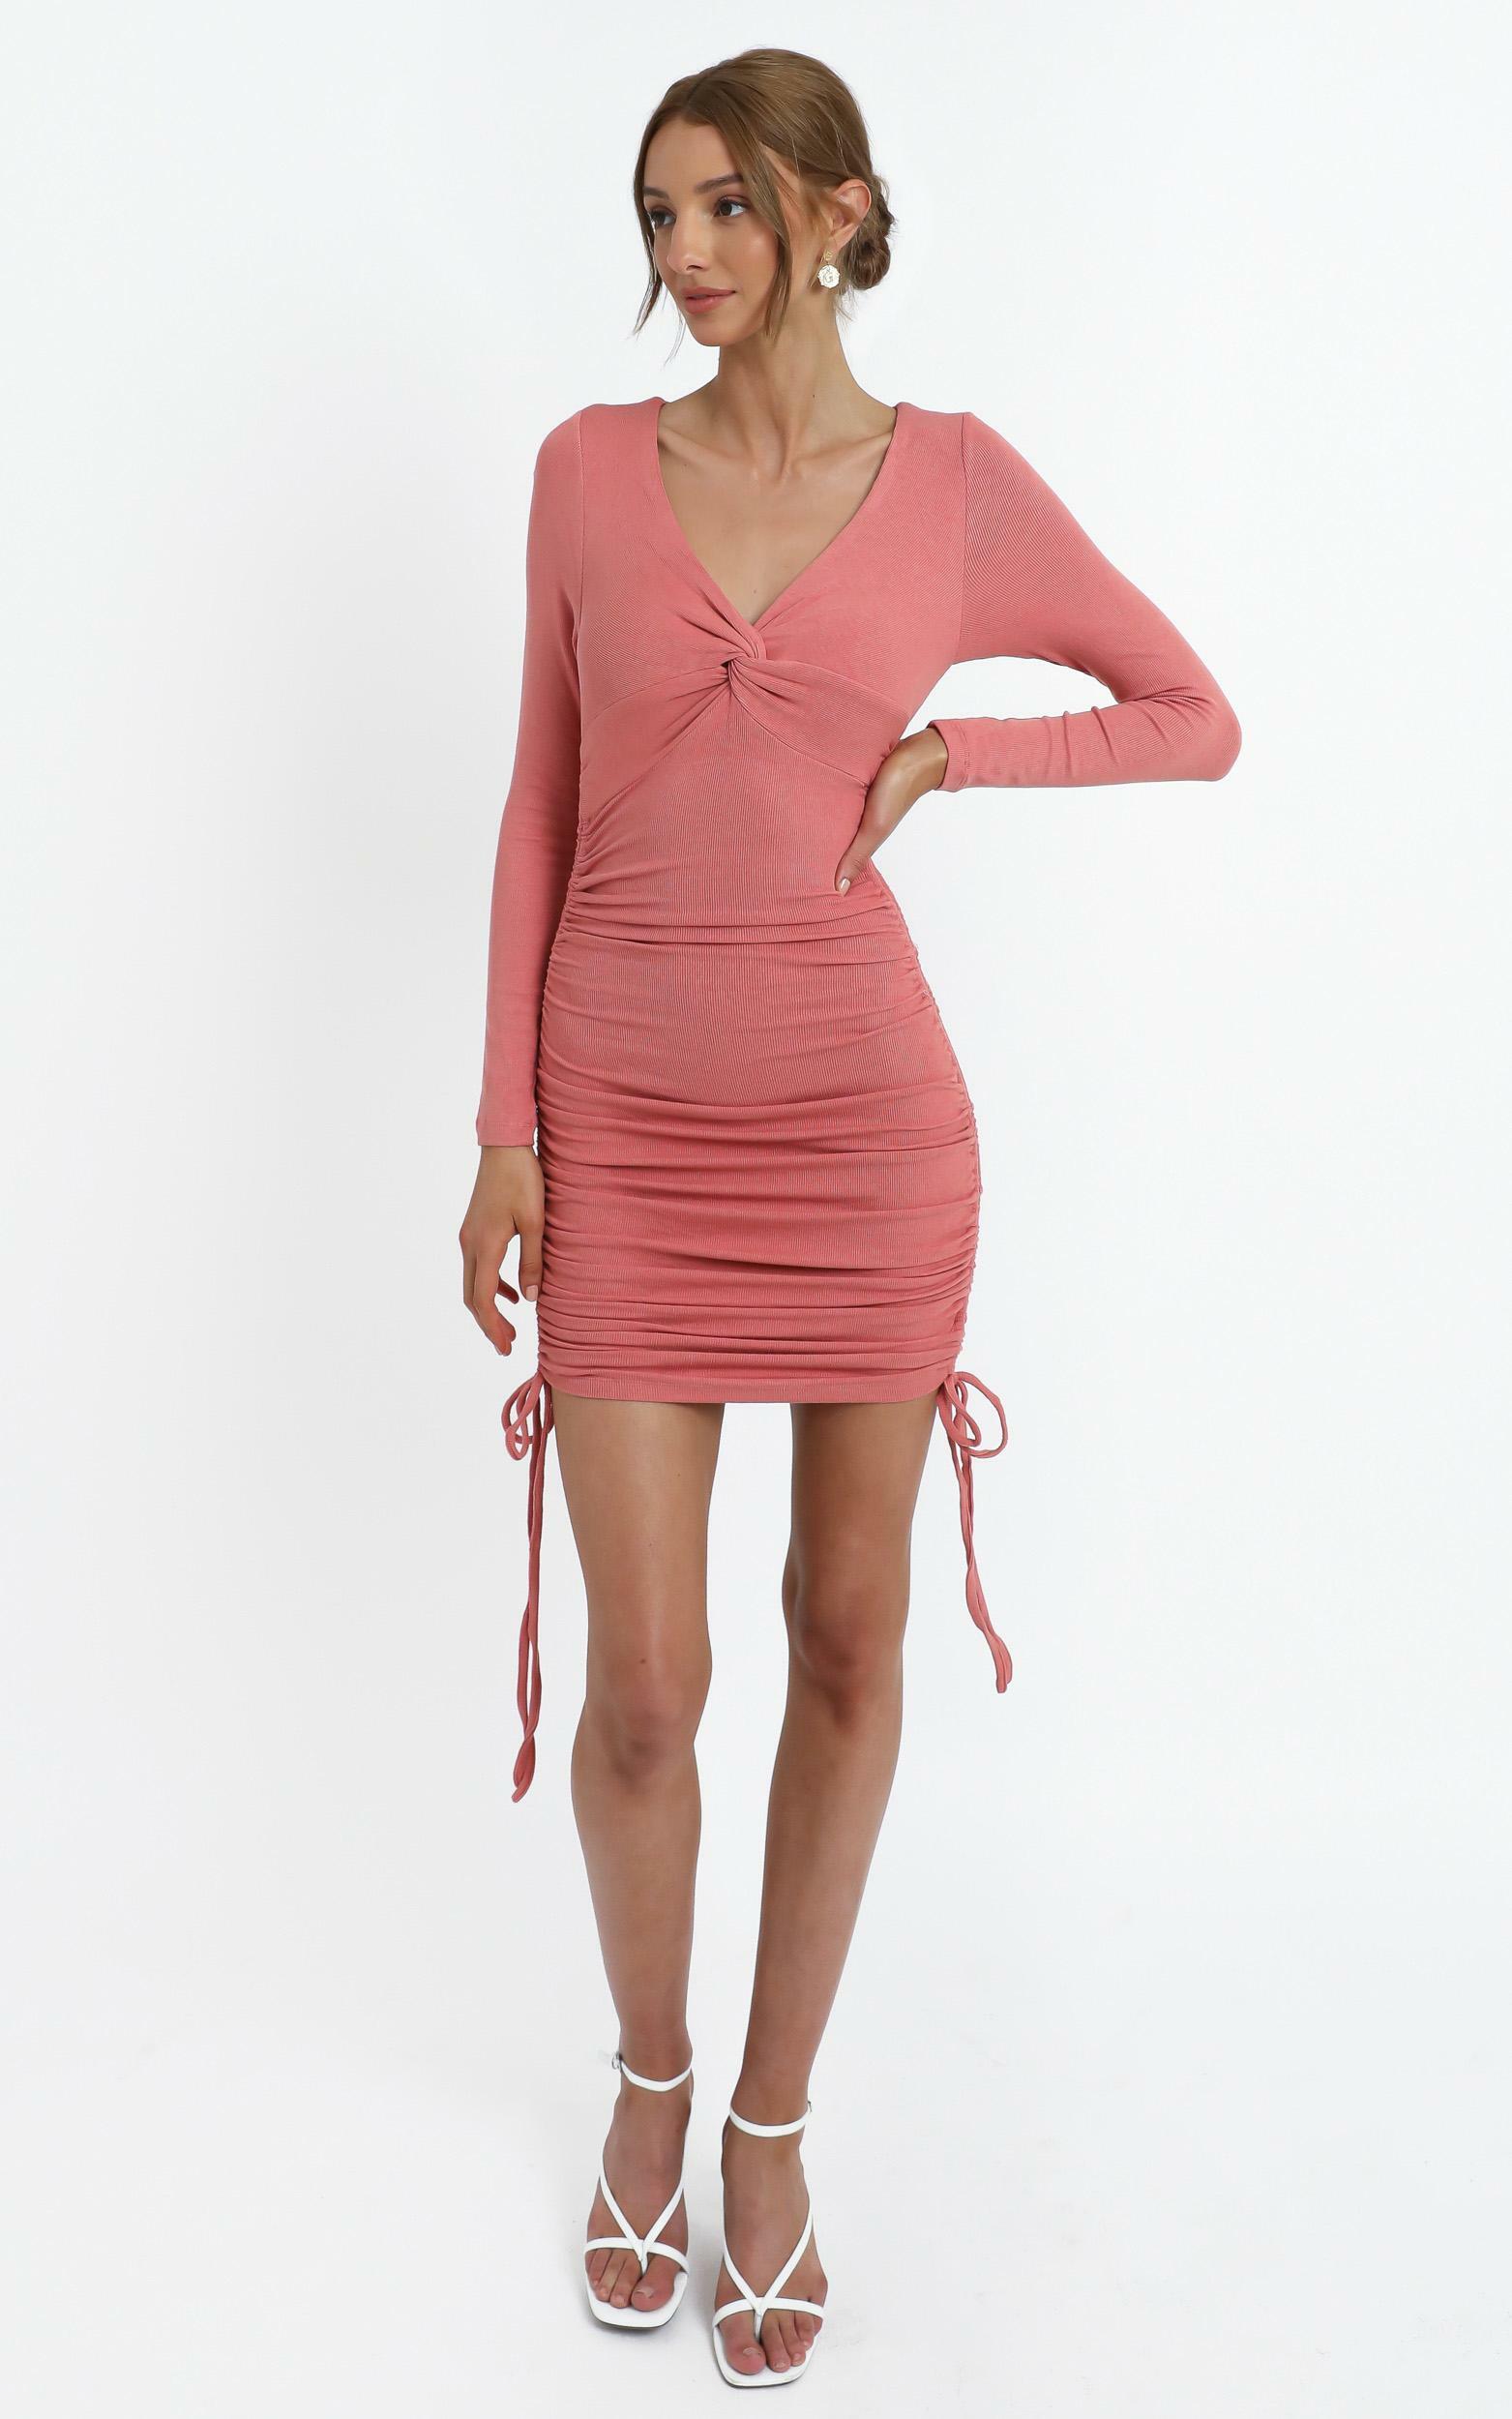 Leland Dress in Rosehip - 12 (L), Pink, hi-res image number null